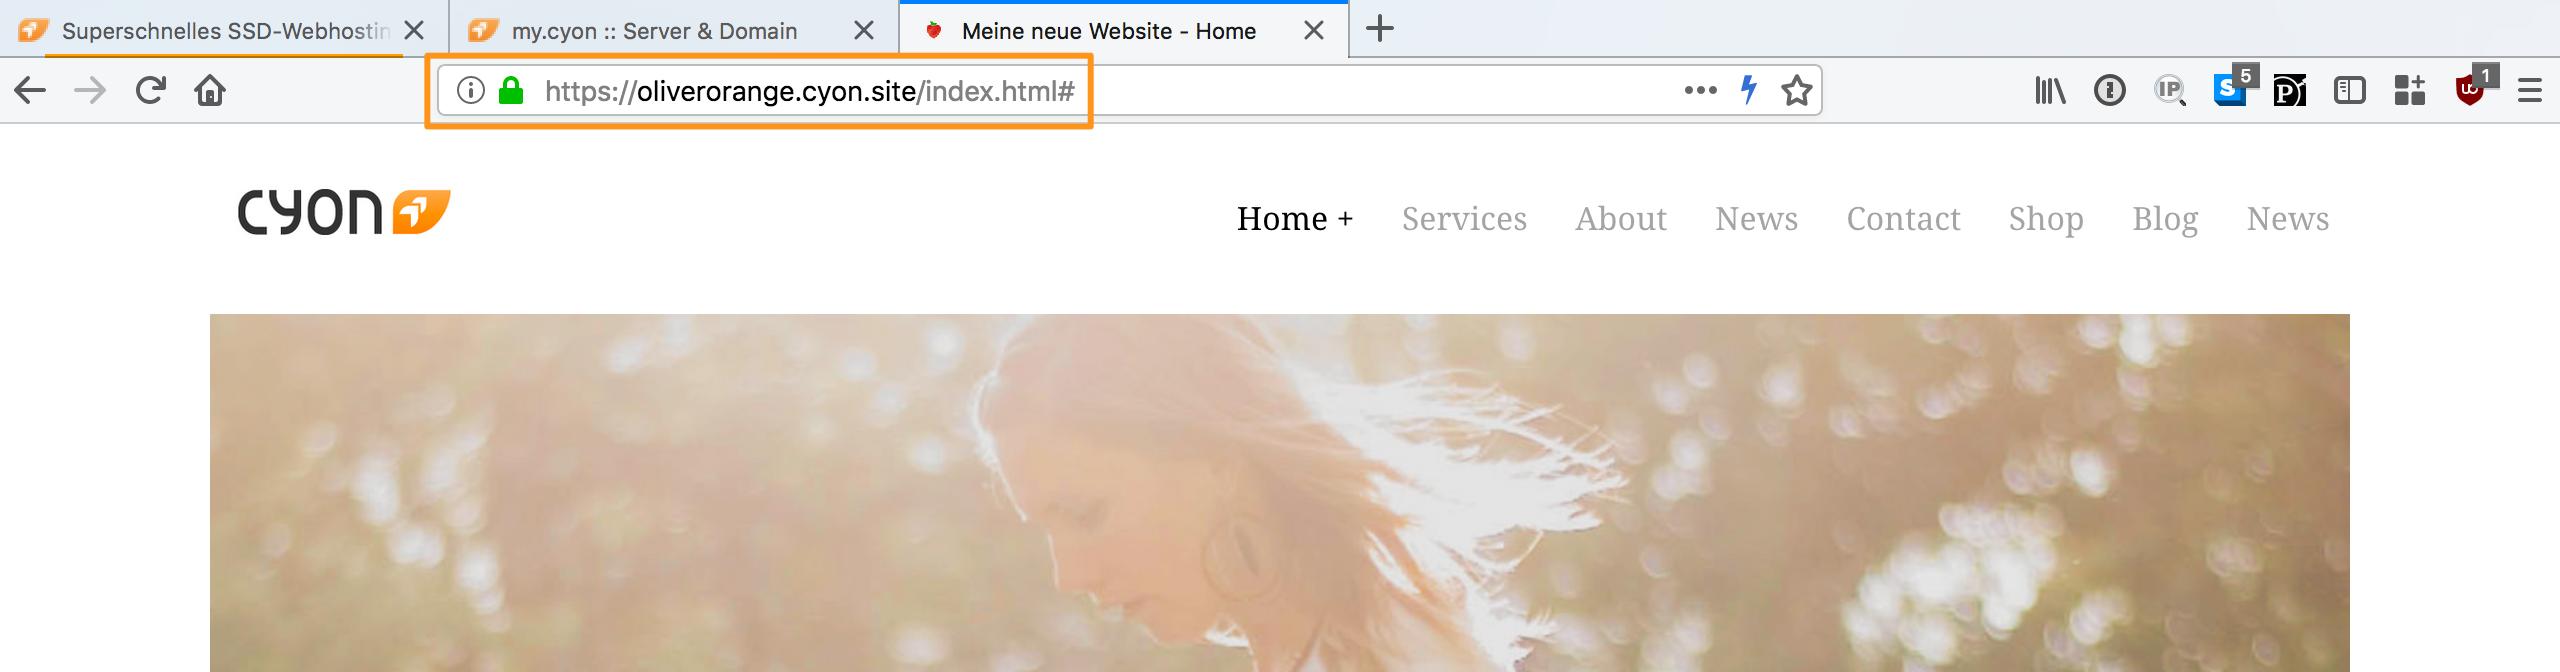 Website wird über SSL verschlüsselt angezeigt